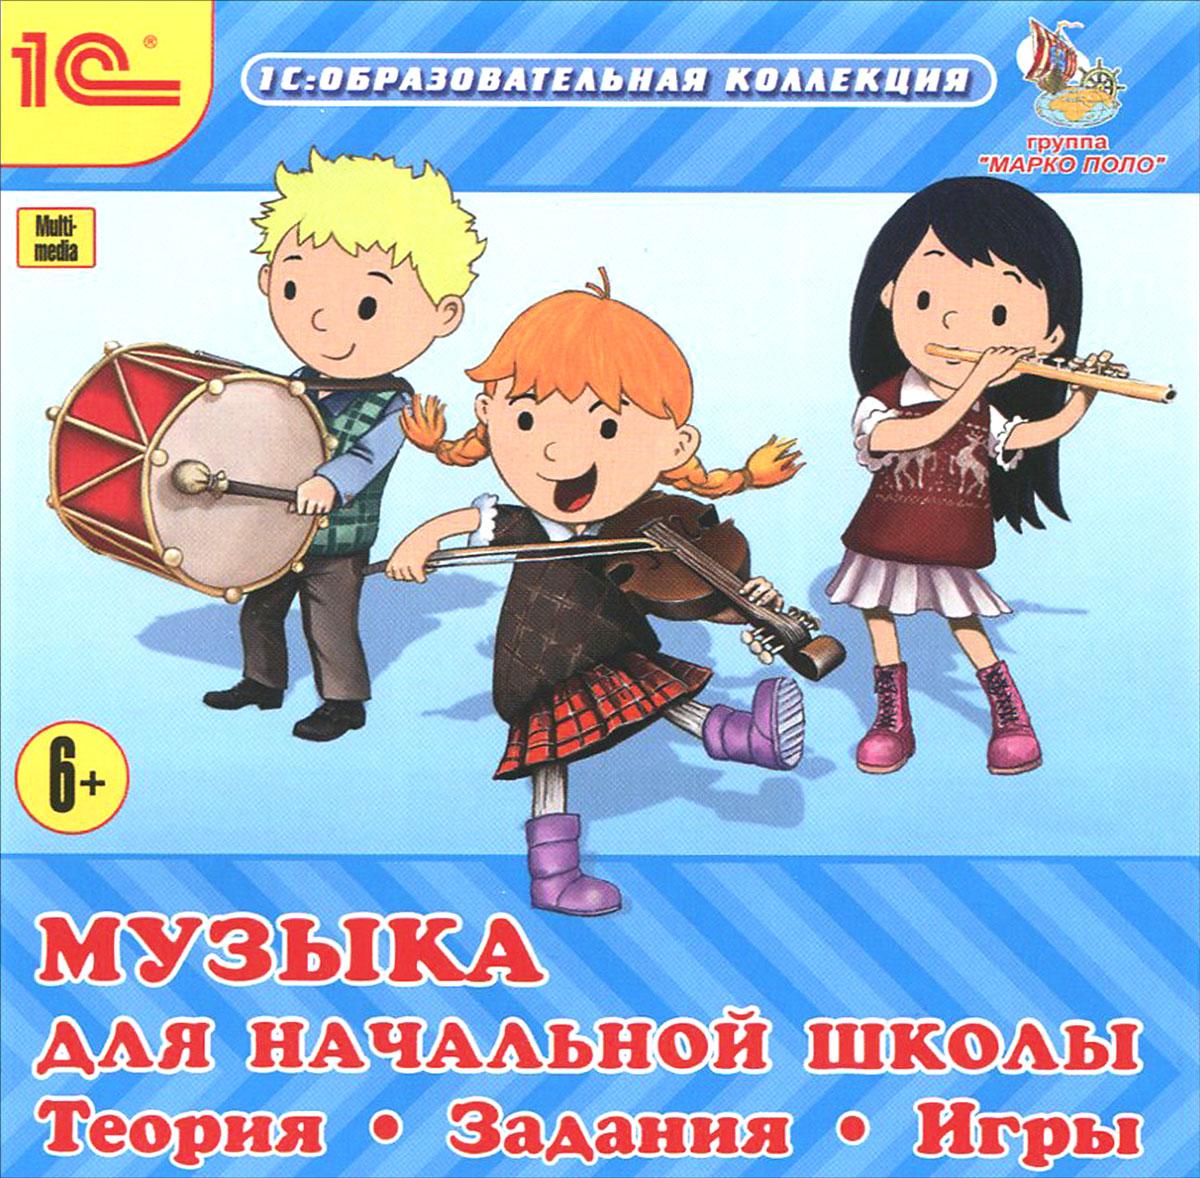 1С:Образовательная коллекция. Музыка для начальной школы. Теория. Задания. Игры